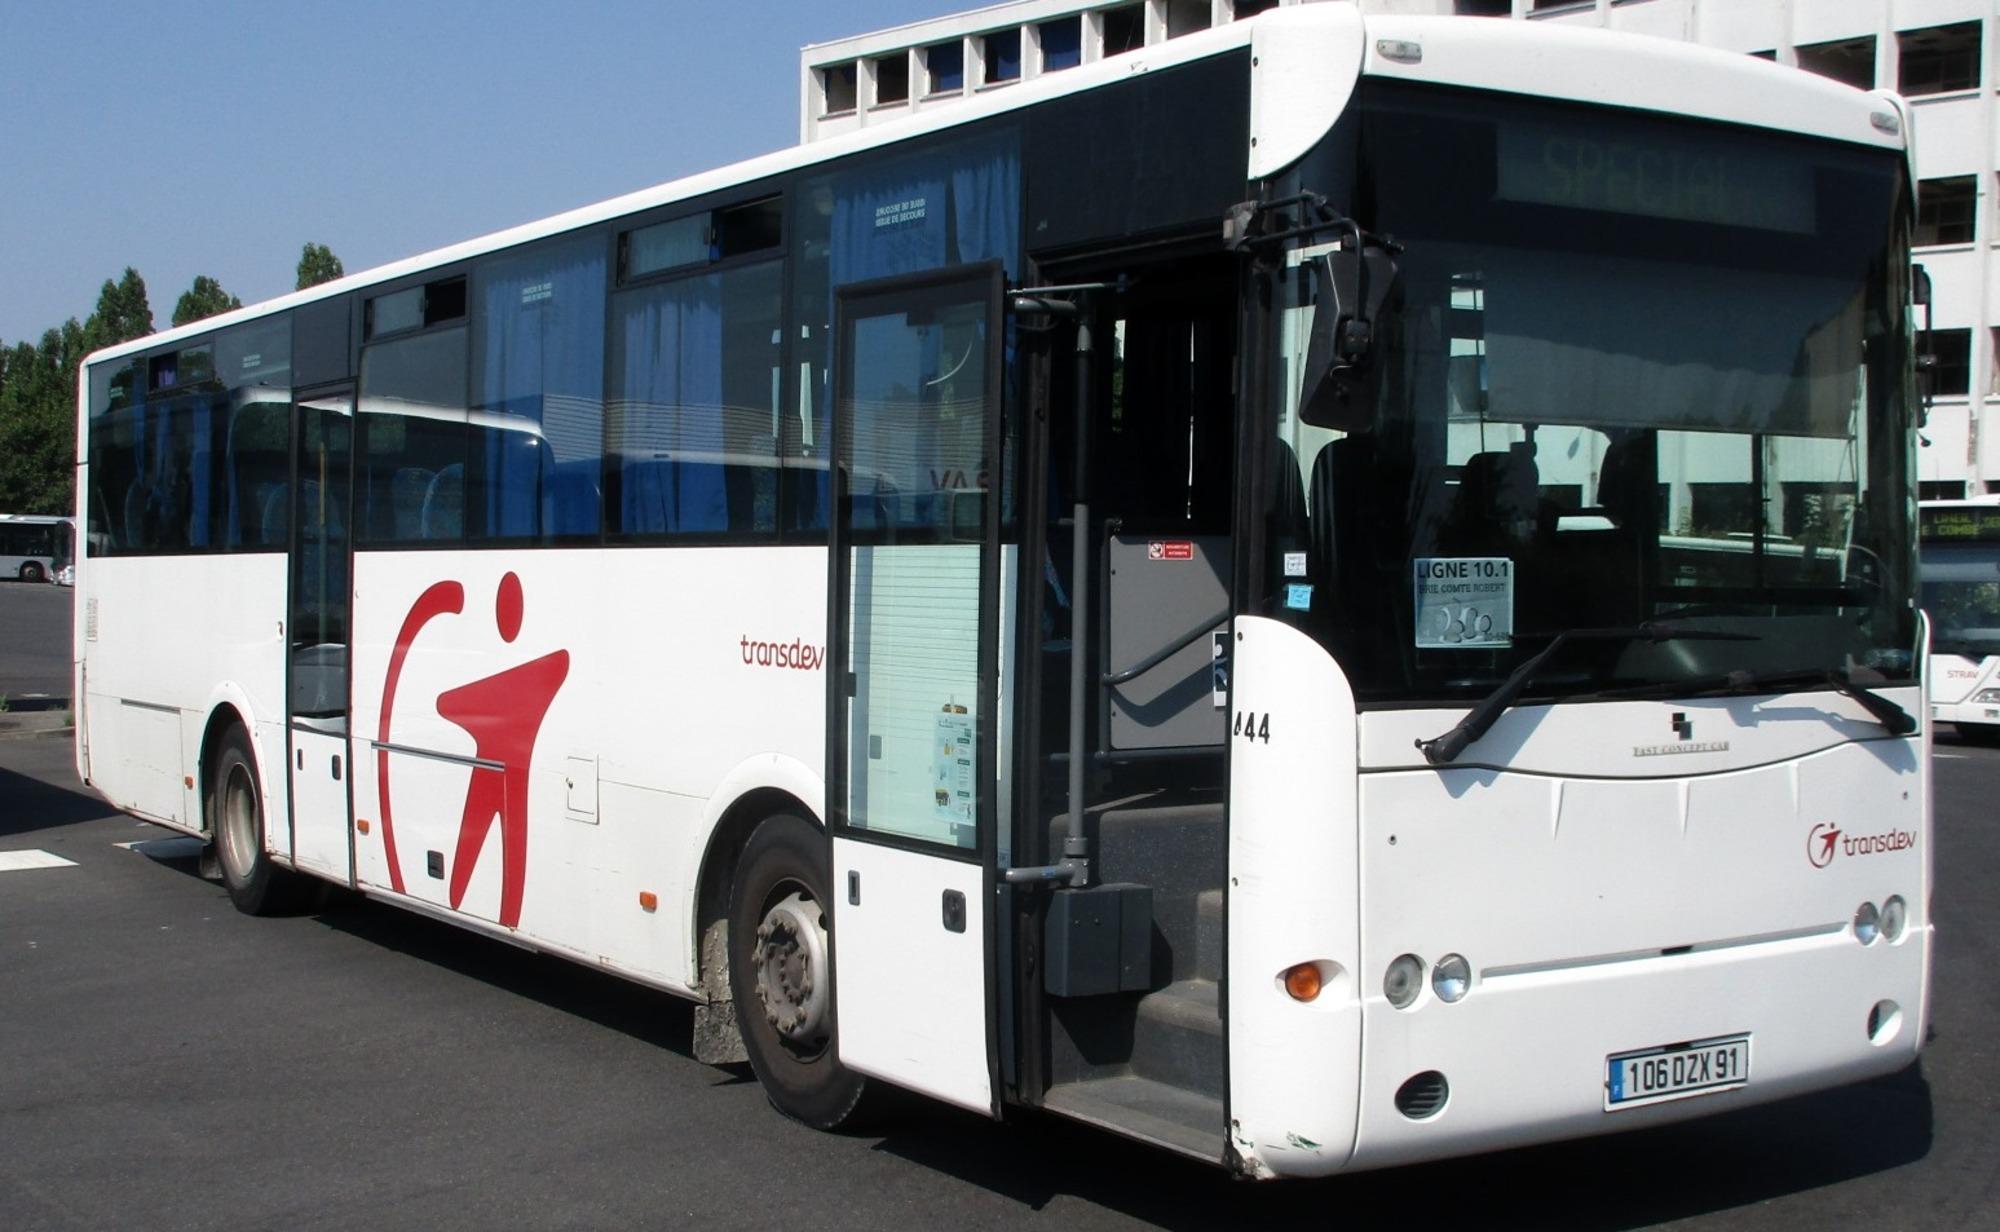 Fast scoler 3 19000 444 car bus d 39 occasion aux ench res agorastore - Garage solidaire essonne ...